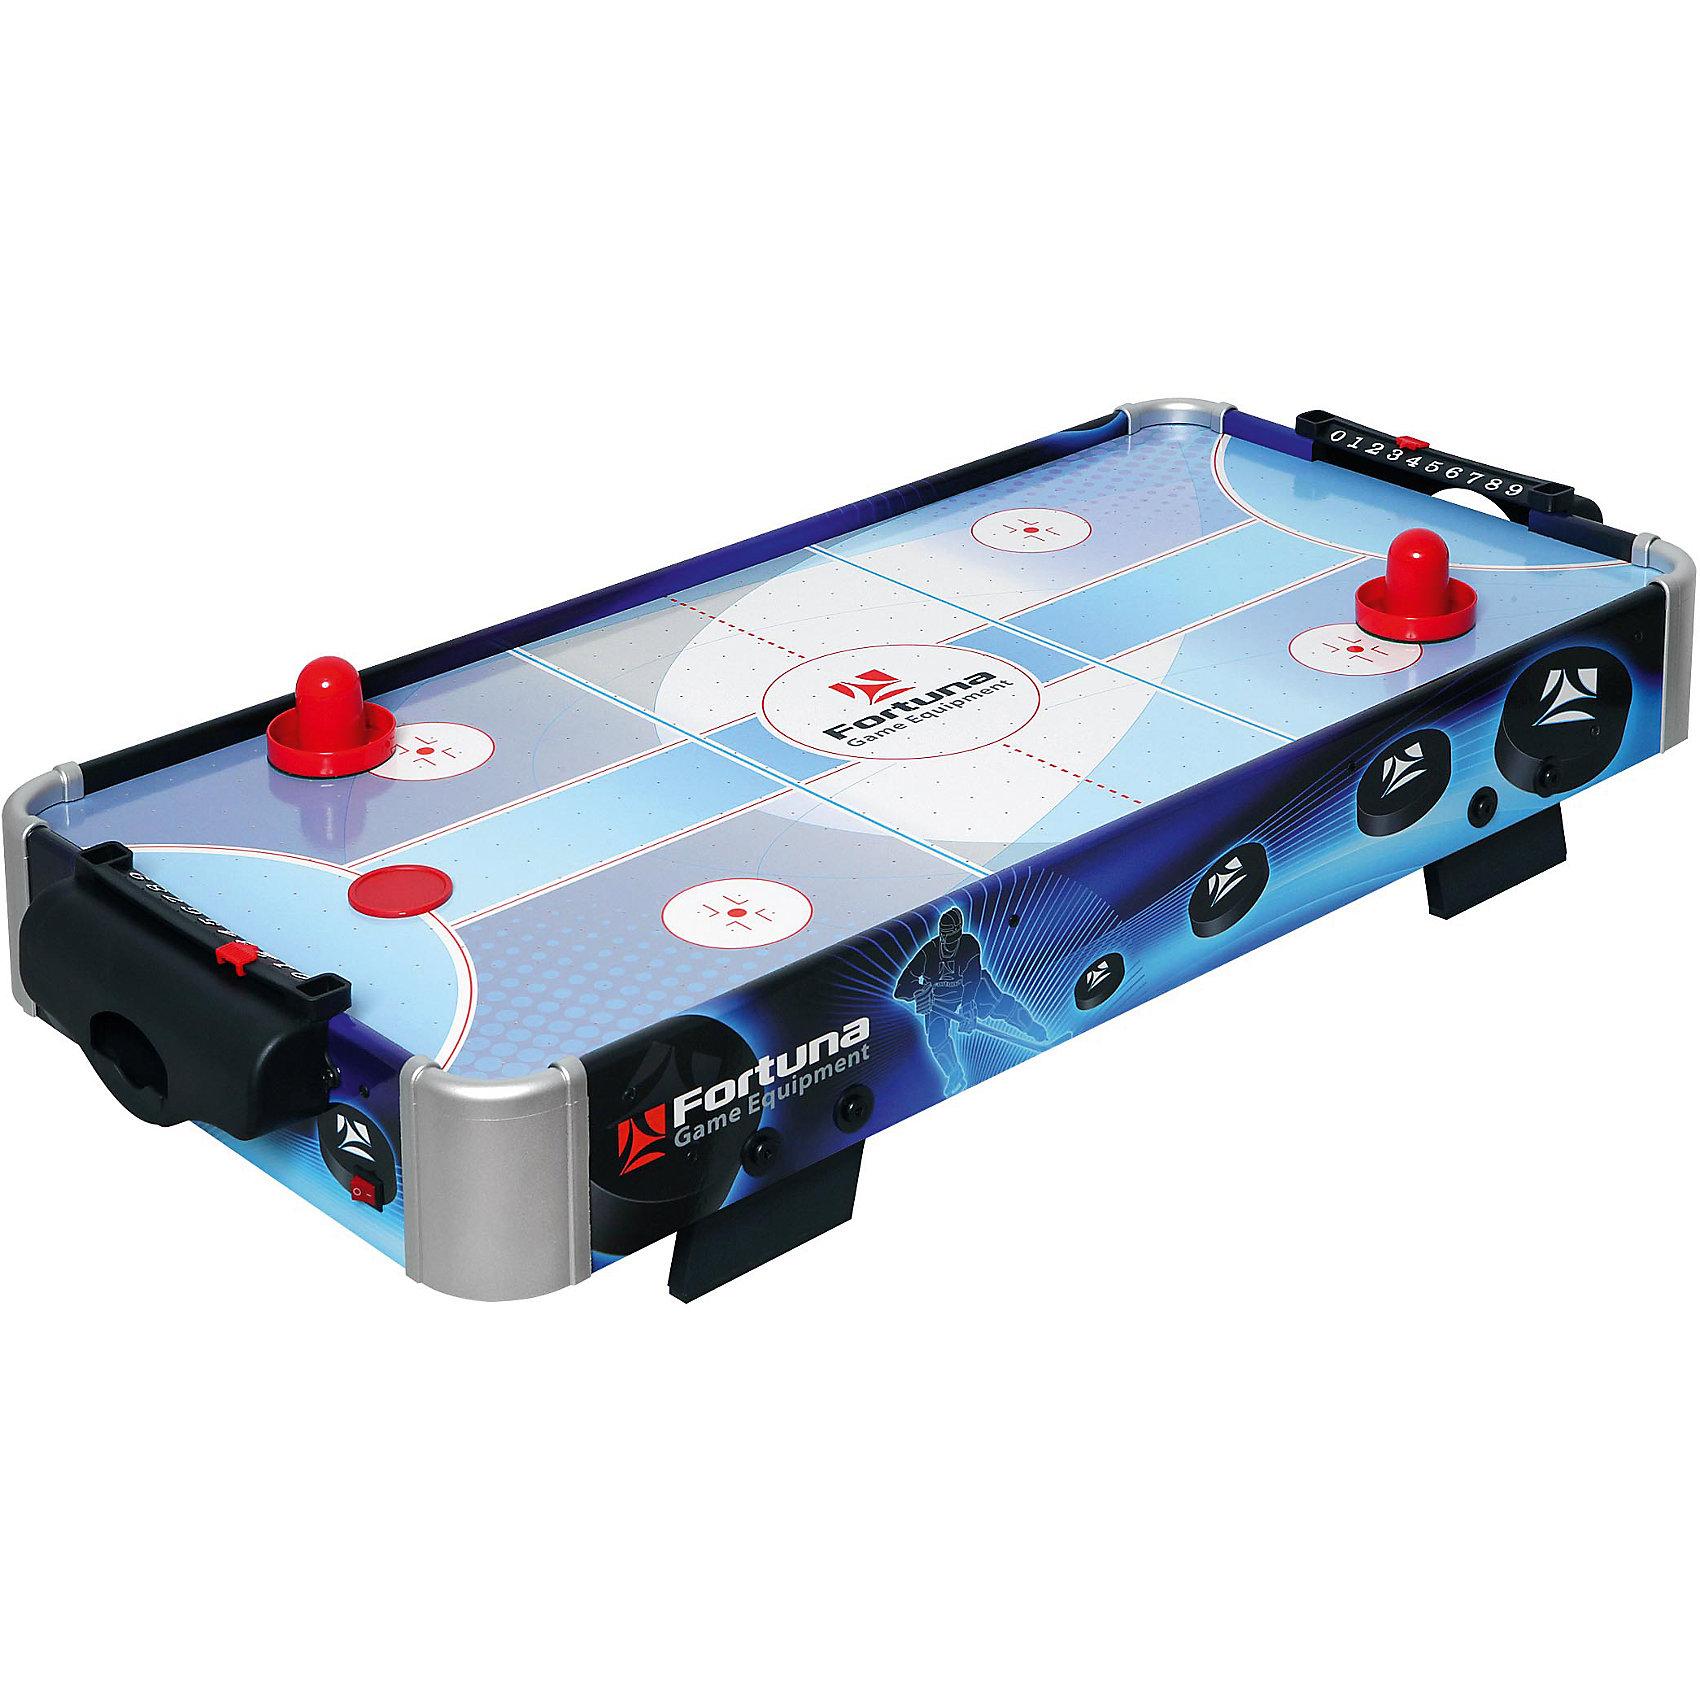 Настольный аэрохоккей HR-31 Blue Ice Hybrid, 86х43х15 см, Fortuna<br><br>Ширина мм: 490<br>Глубина мм: 930<br>Высота мм: 150<br>Вес г: 8500<br>Возраст от месяцев: 36<br>Возраст до месяцев: 2147483647<br>Пол: Унисекс<br>Возраст: Детский<br>SKU: 4940651